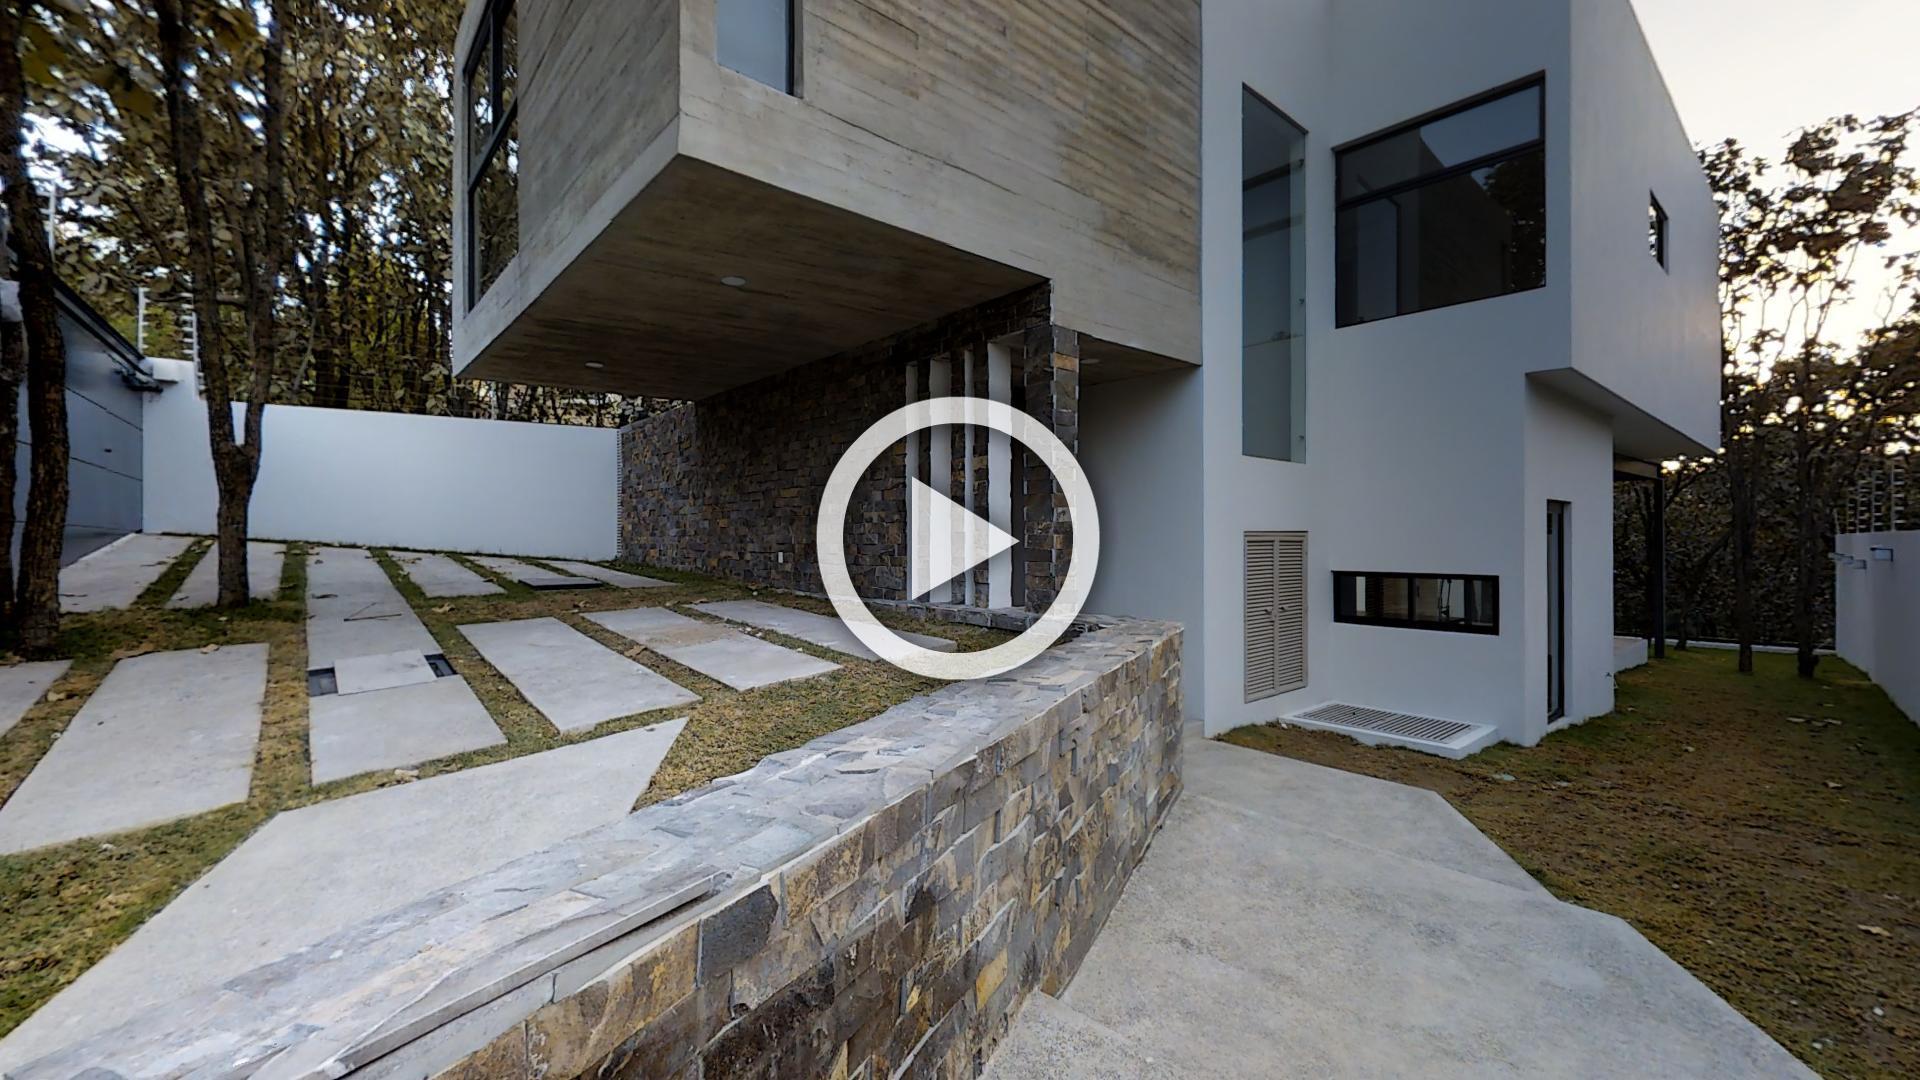 Casa tapir recorrido virtual only servicios inmobiliarios for Casas modernas recorrido virtual